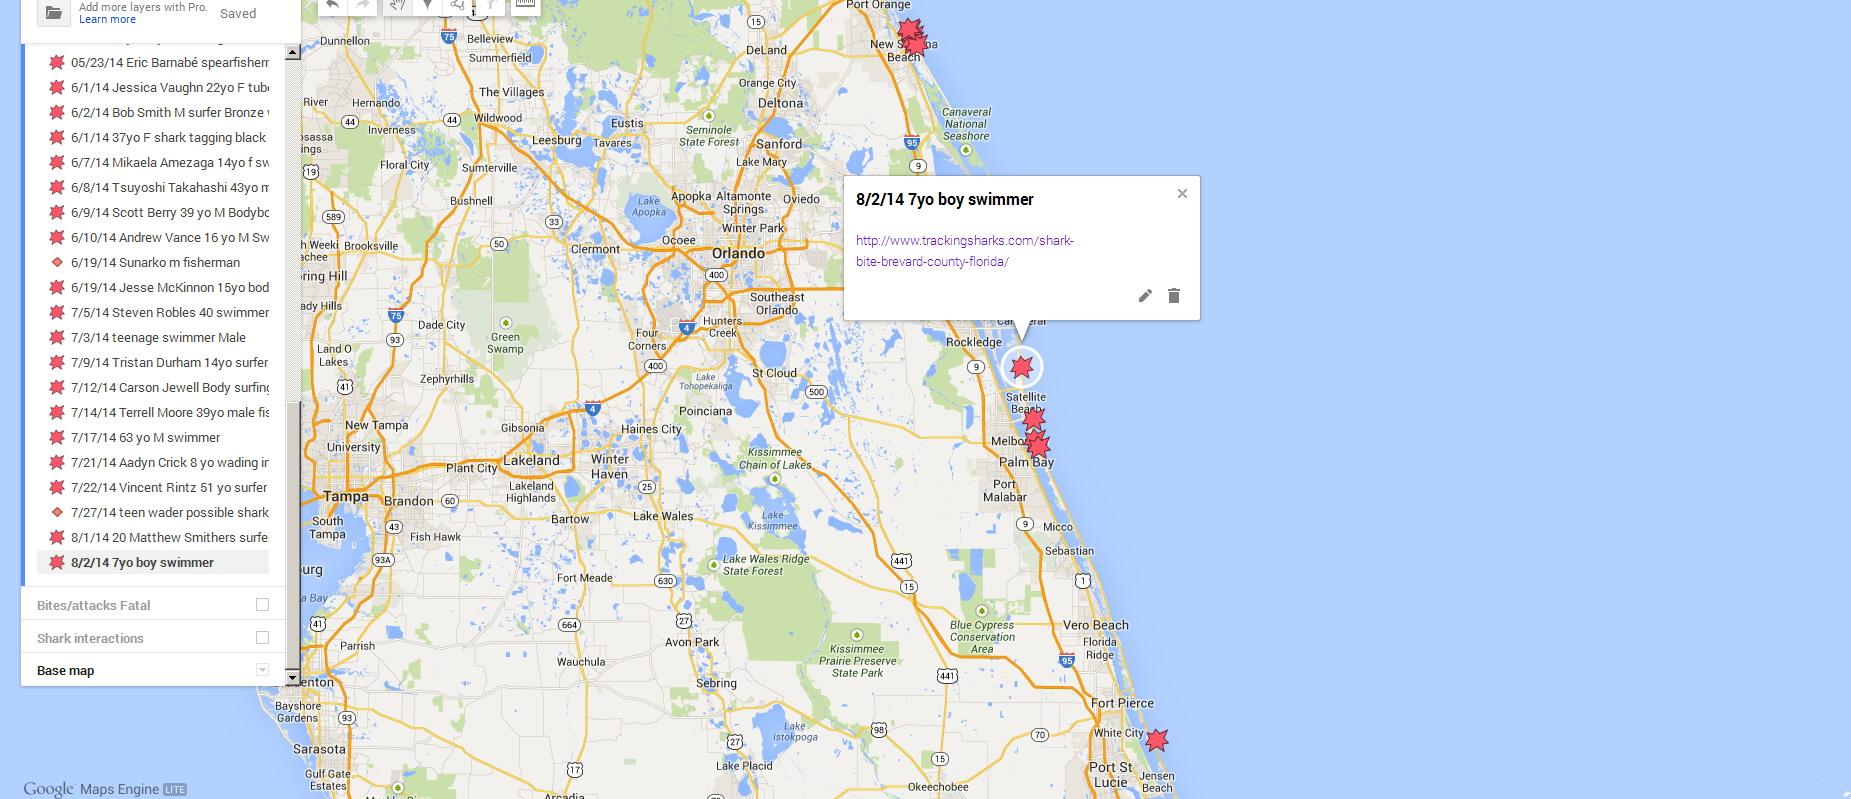 2014_shark_attack_bites_map